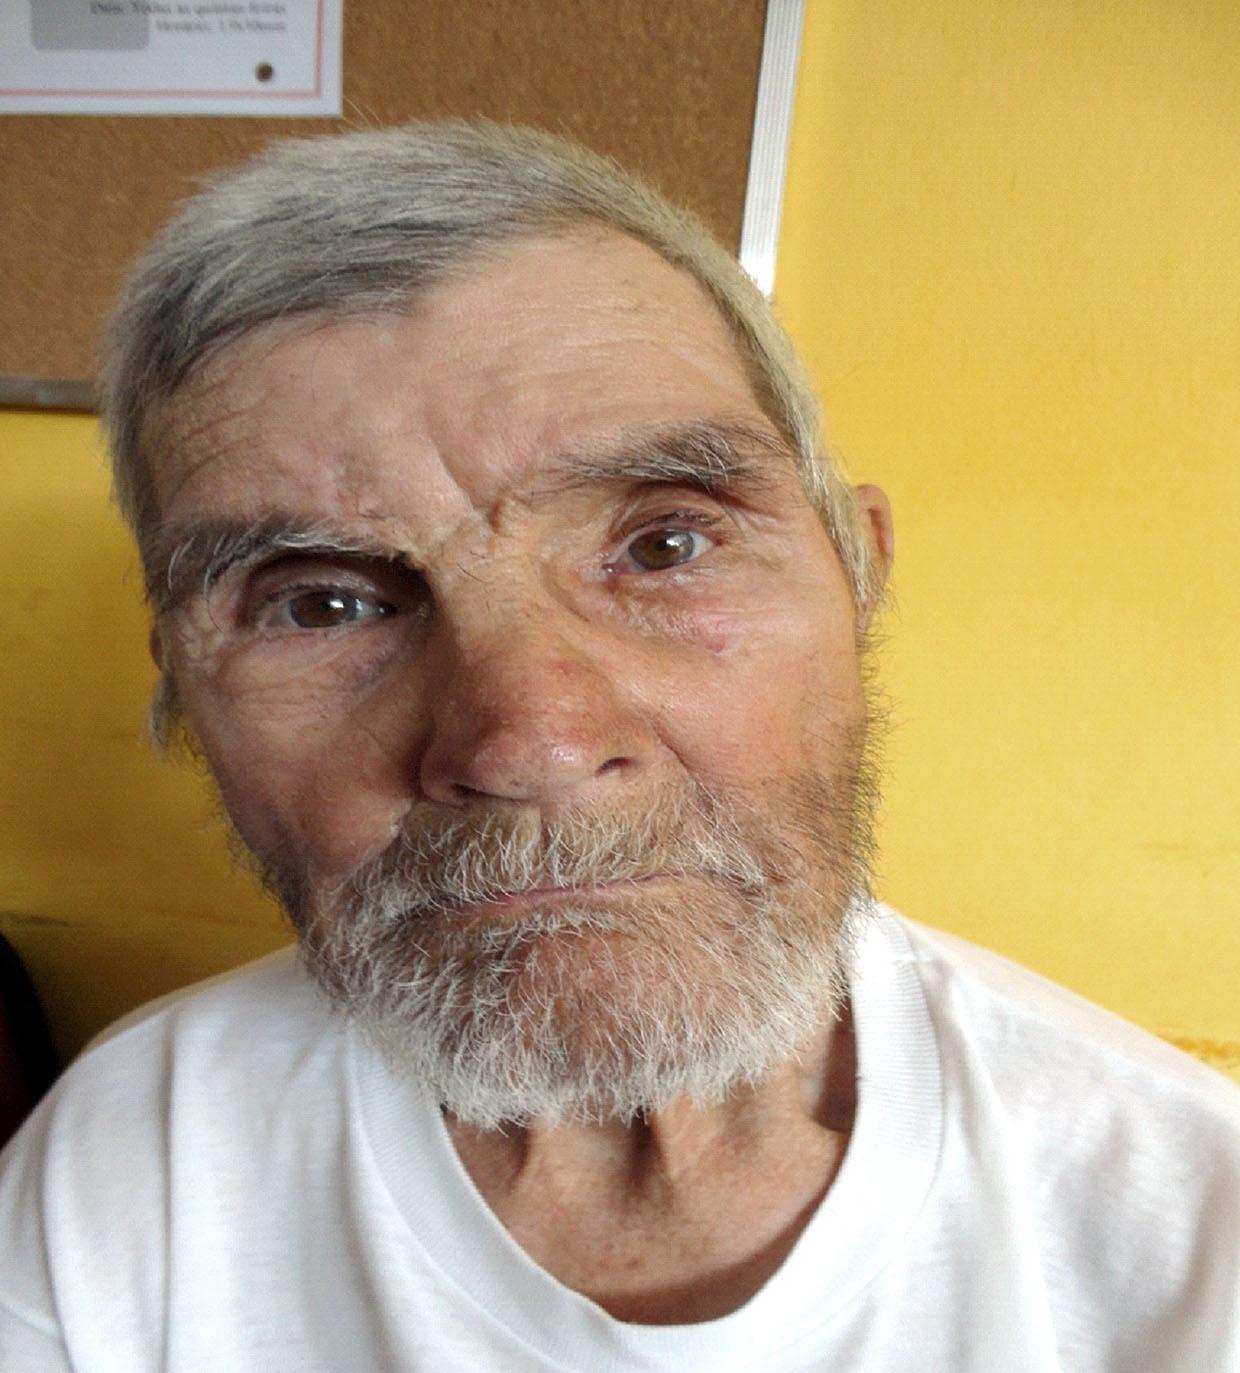 O idoso diz ter 80 anos e apresenta quadro crônico de confusão